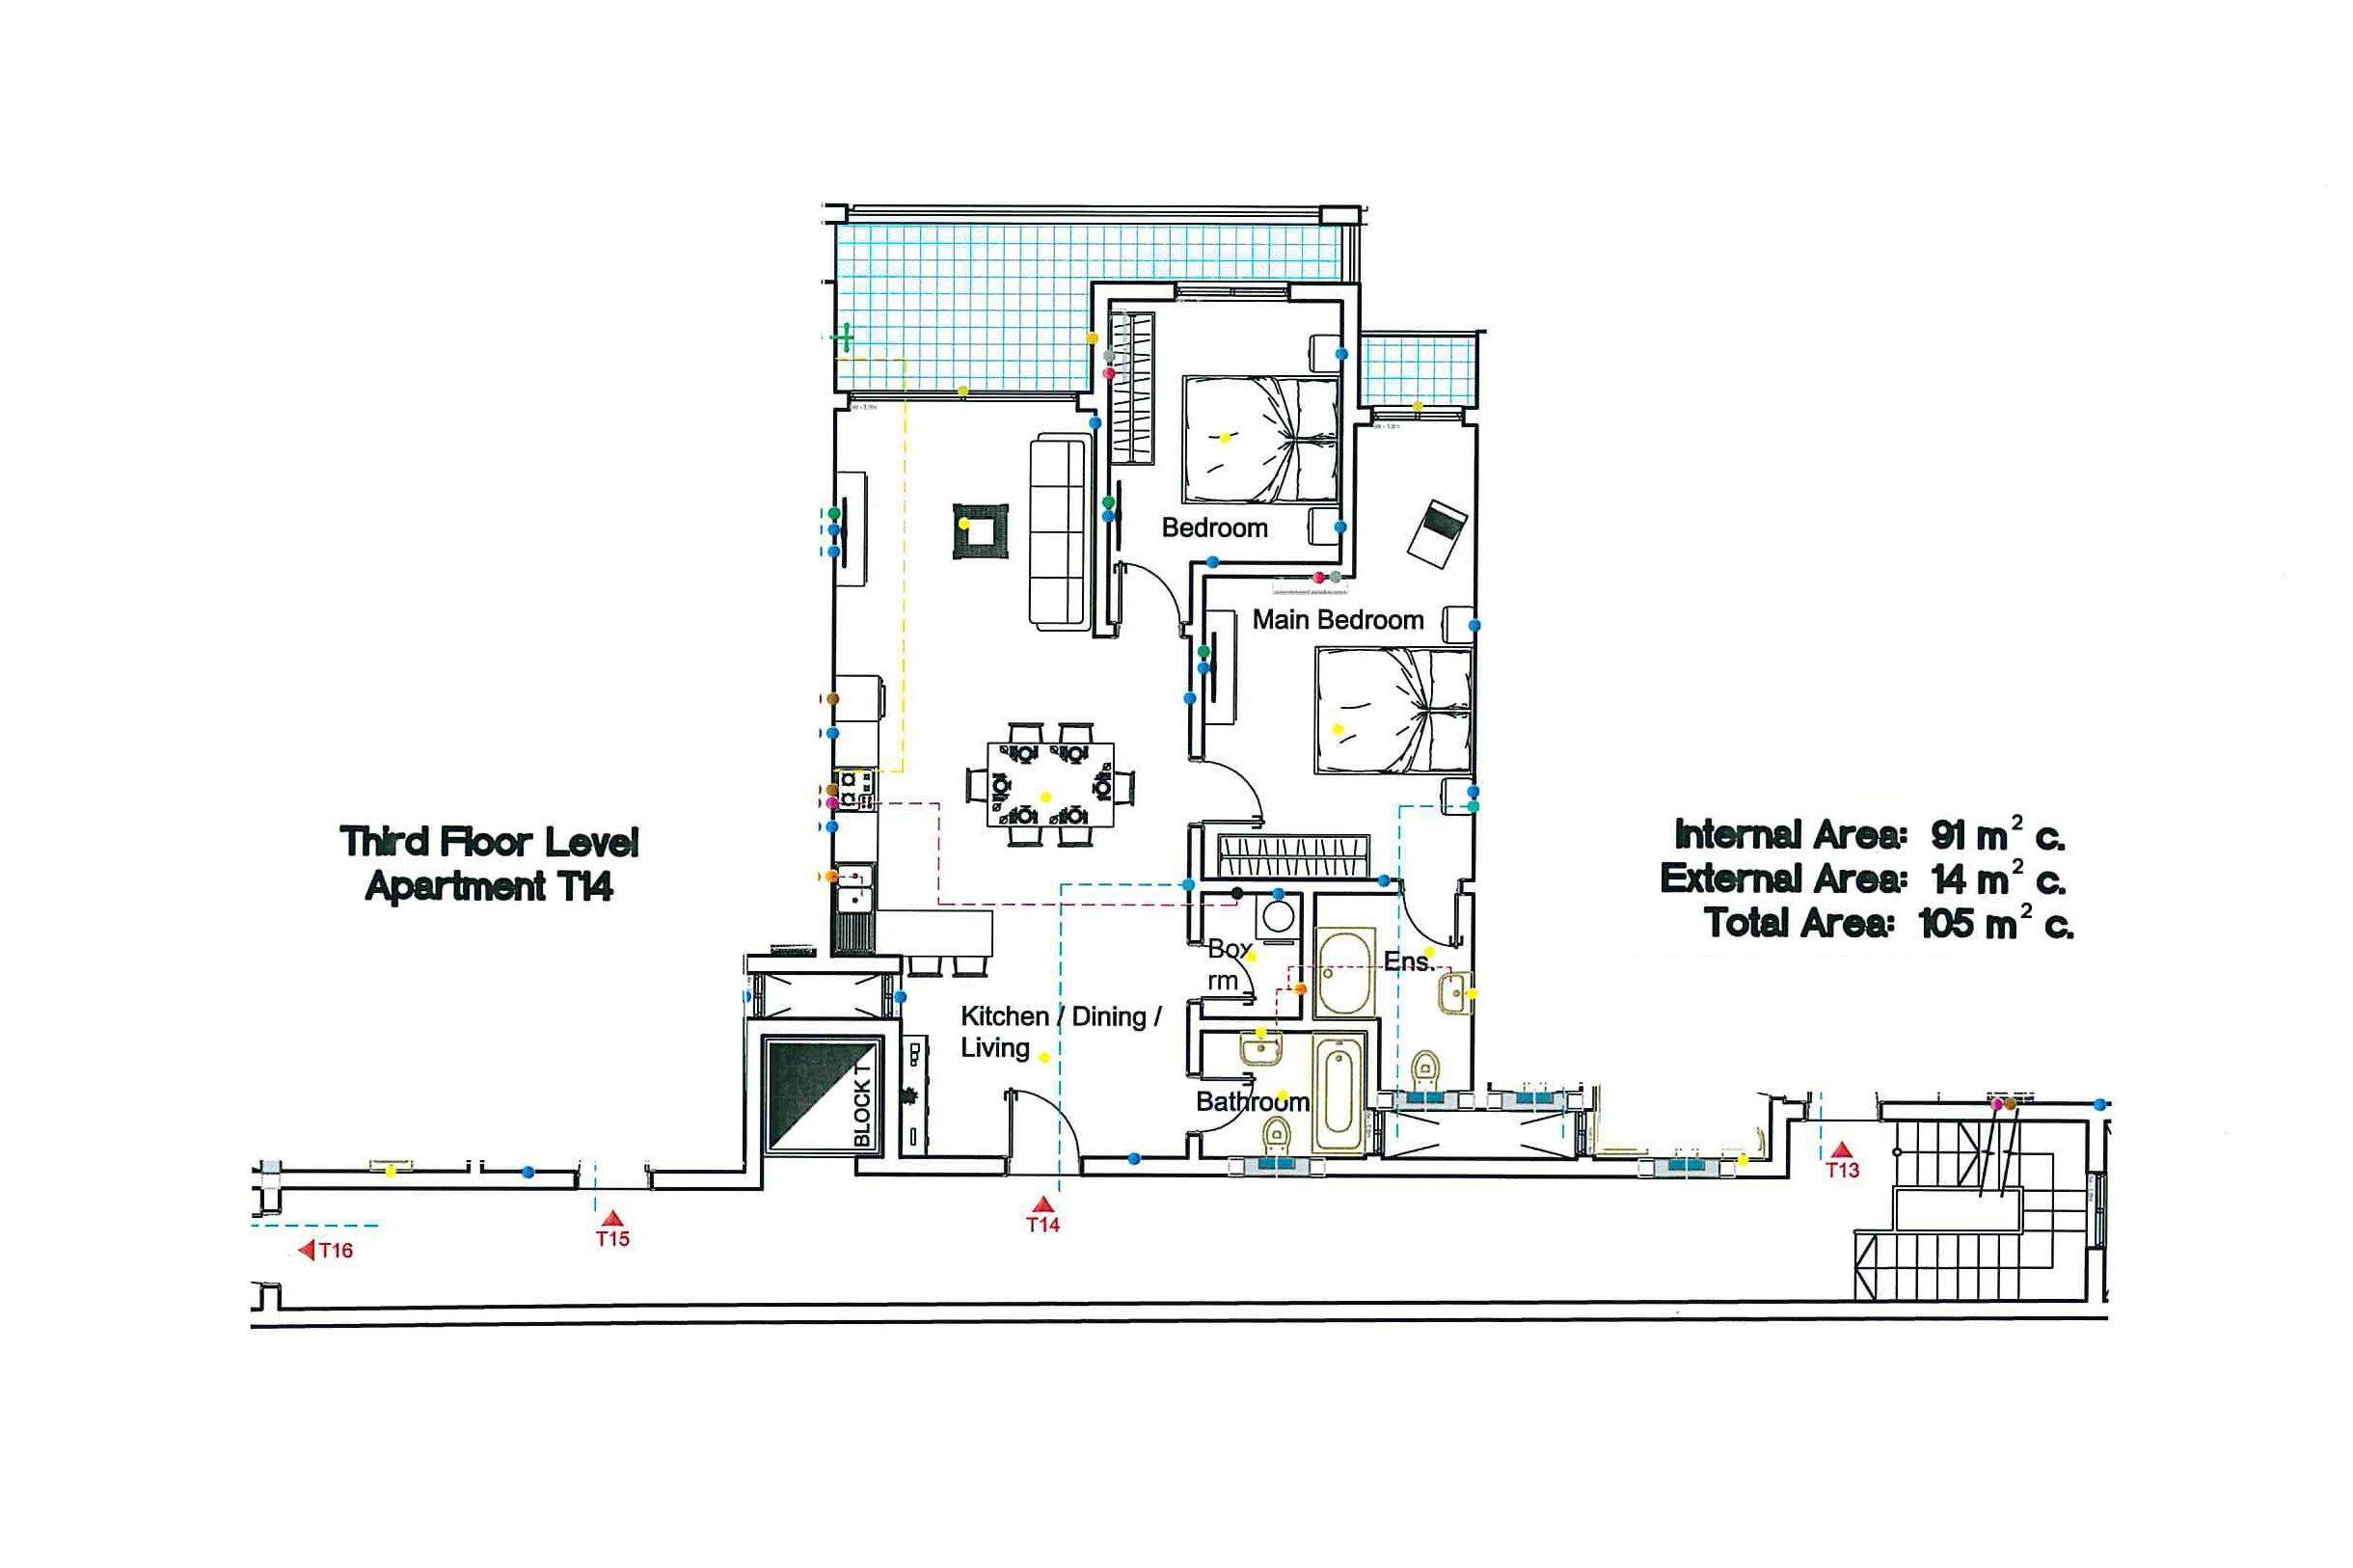 T14 Third Floor